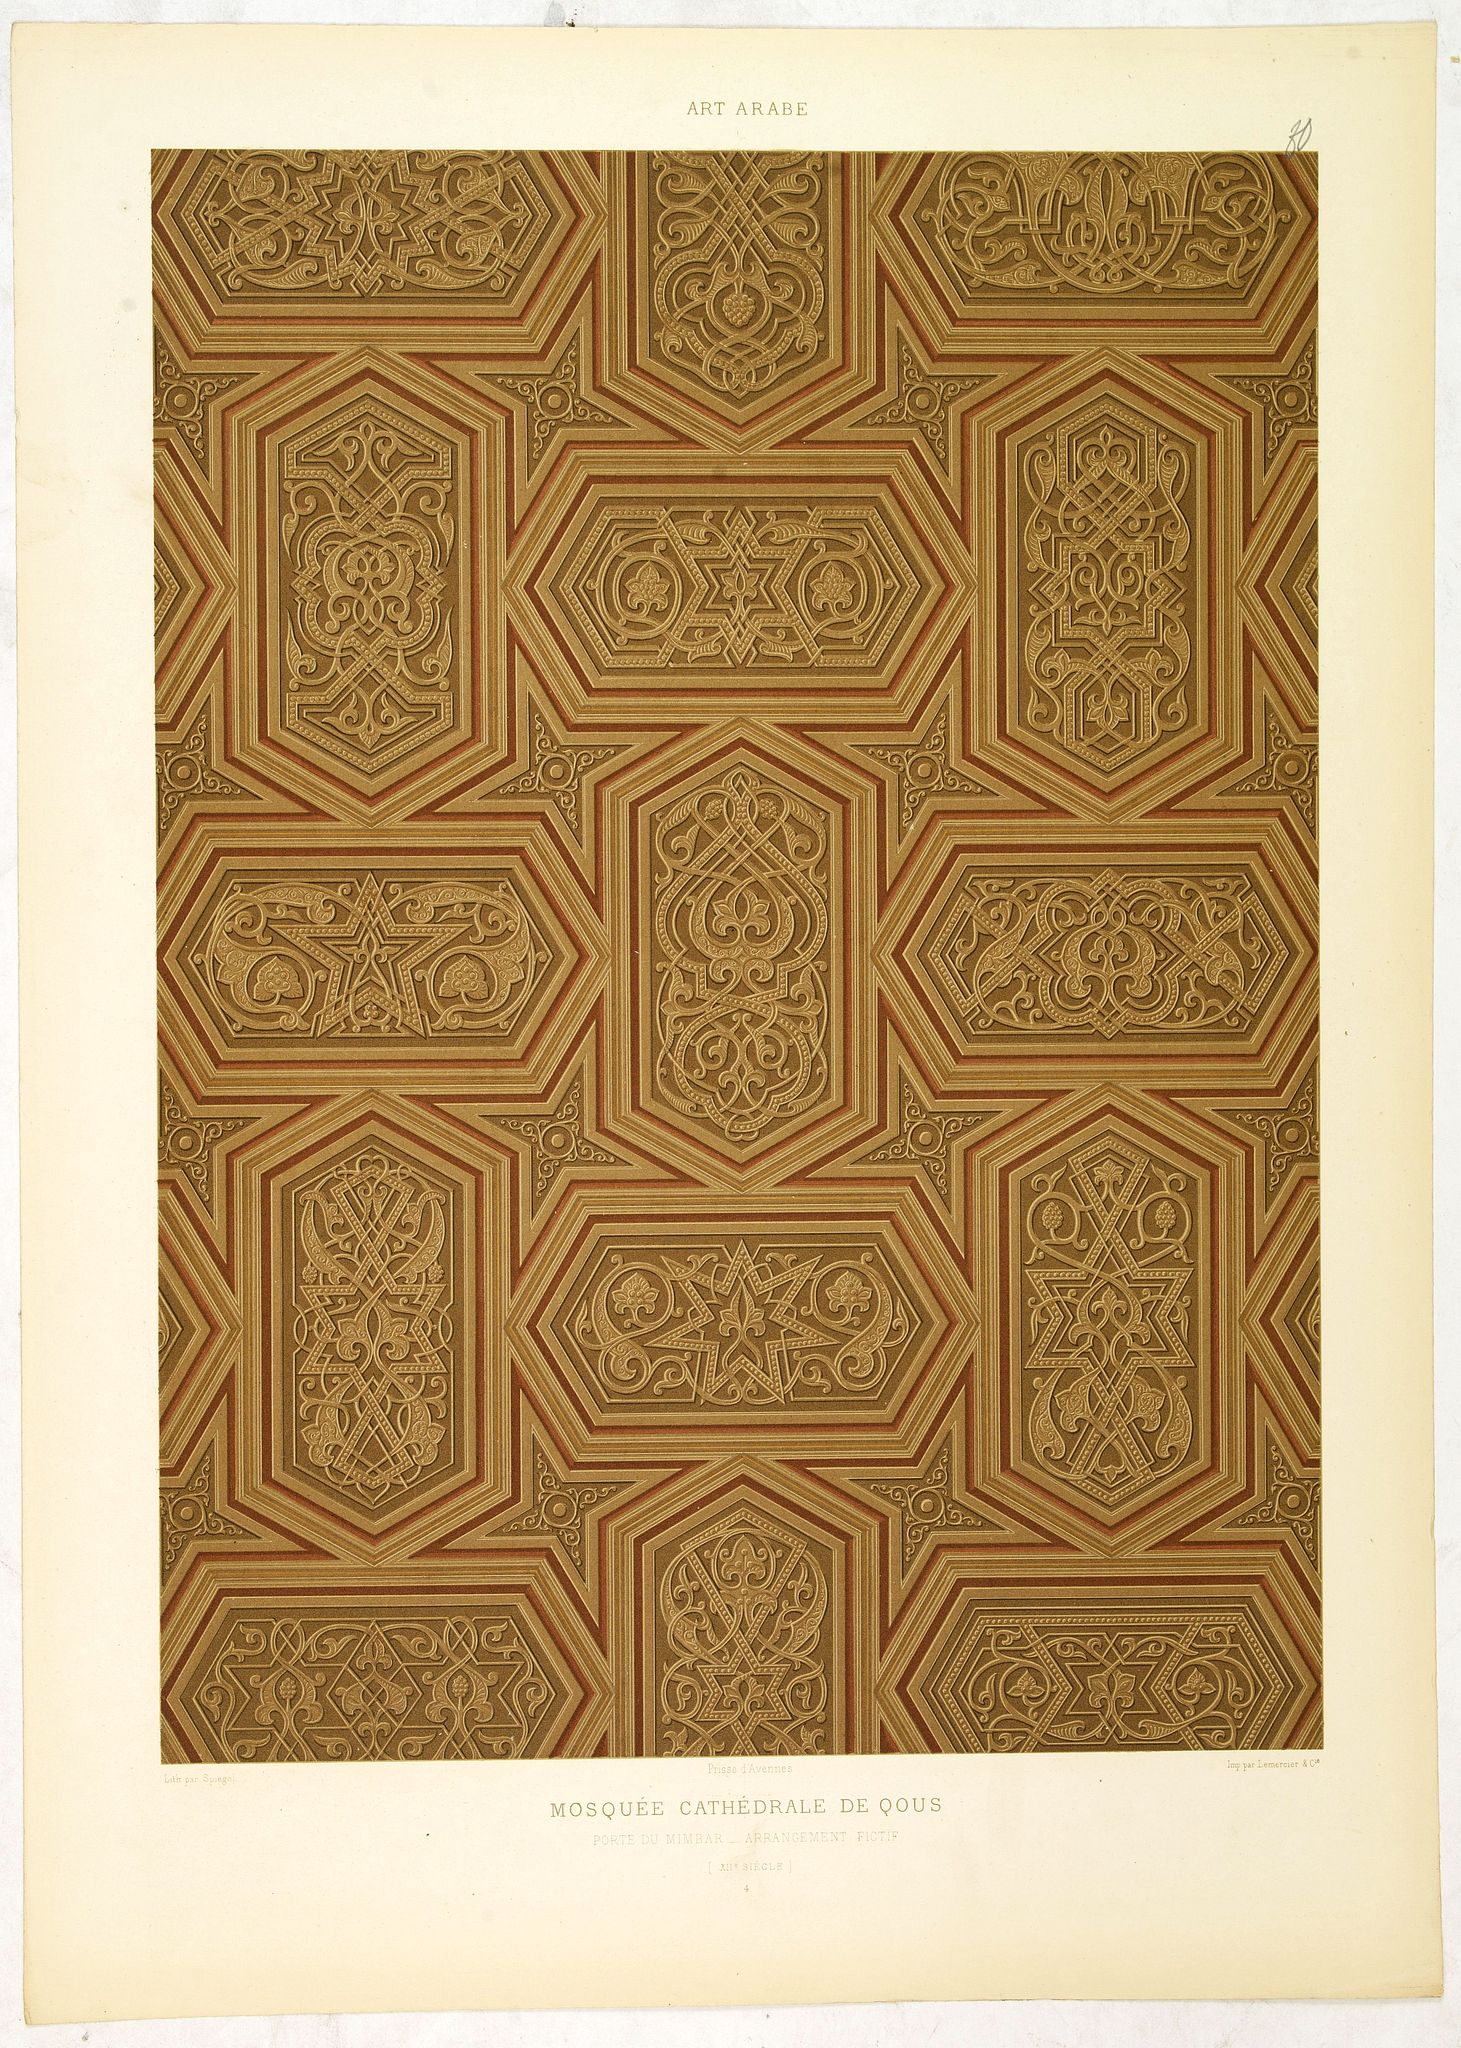 PRISSE D'AVENNES, E. -  Art arabe. - Mosquée cathédrale de qous Porte du Mimbar. . .